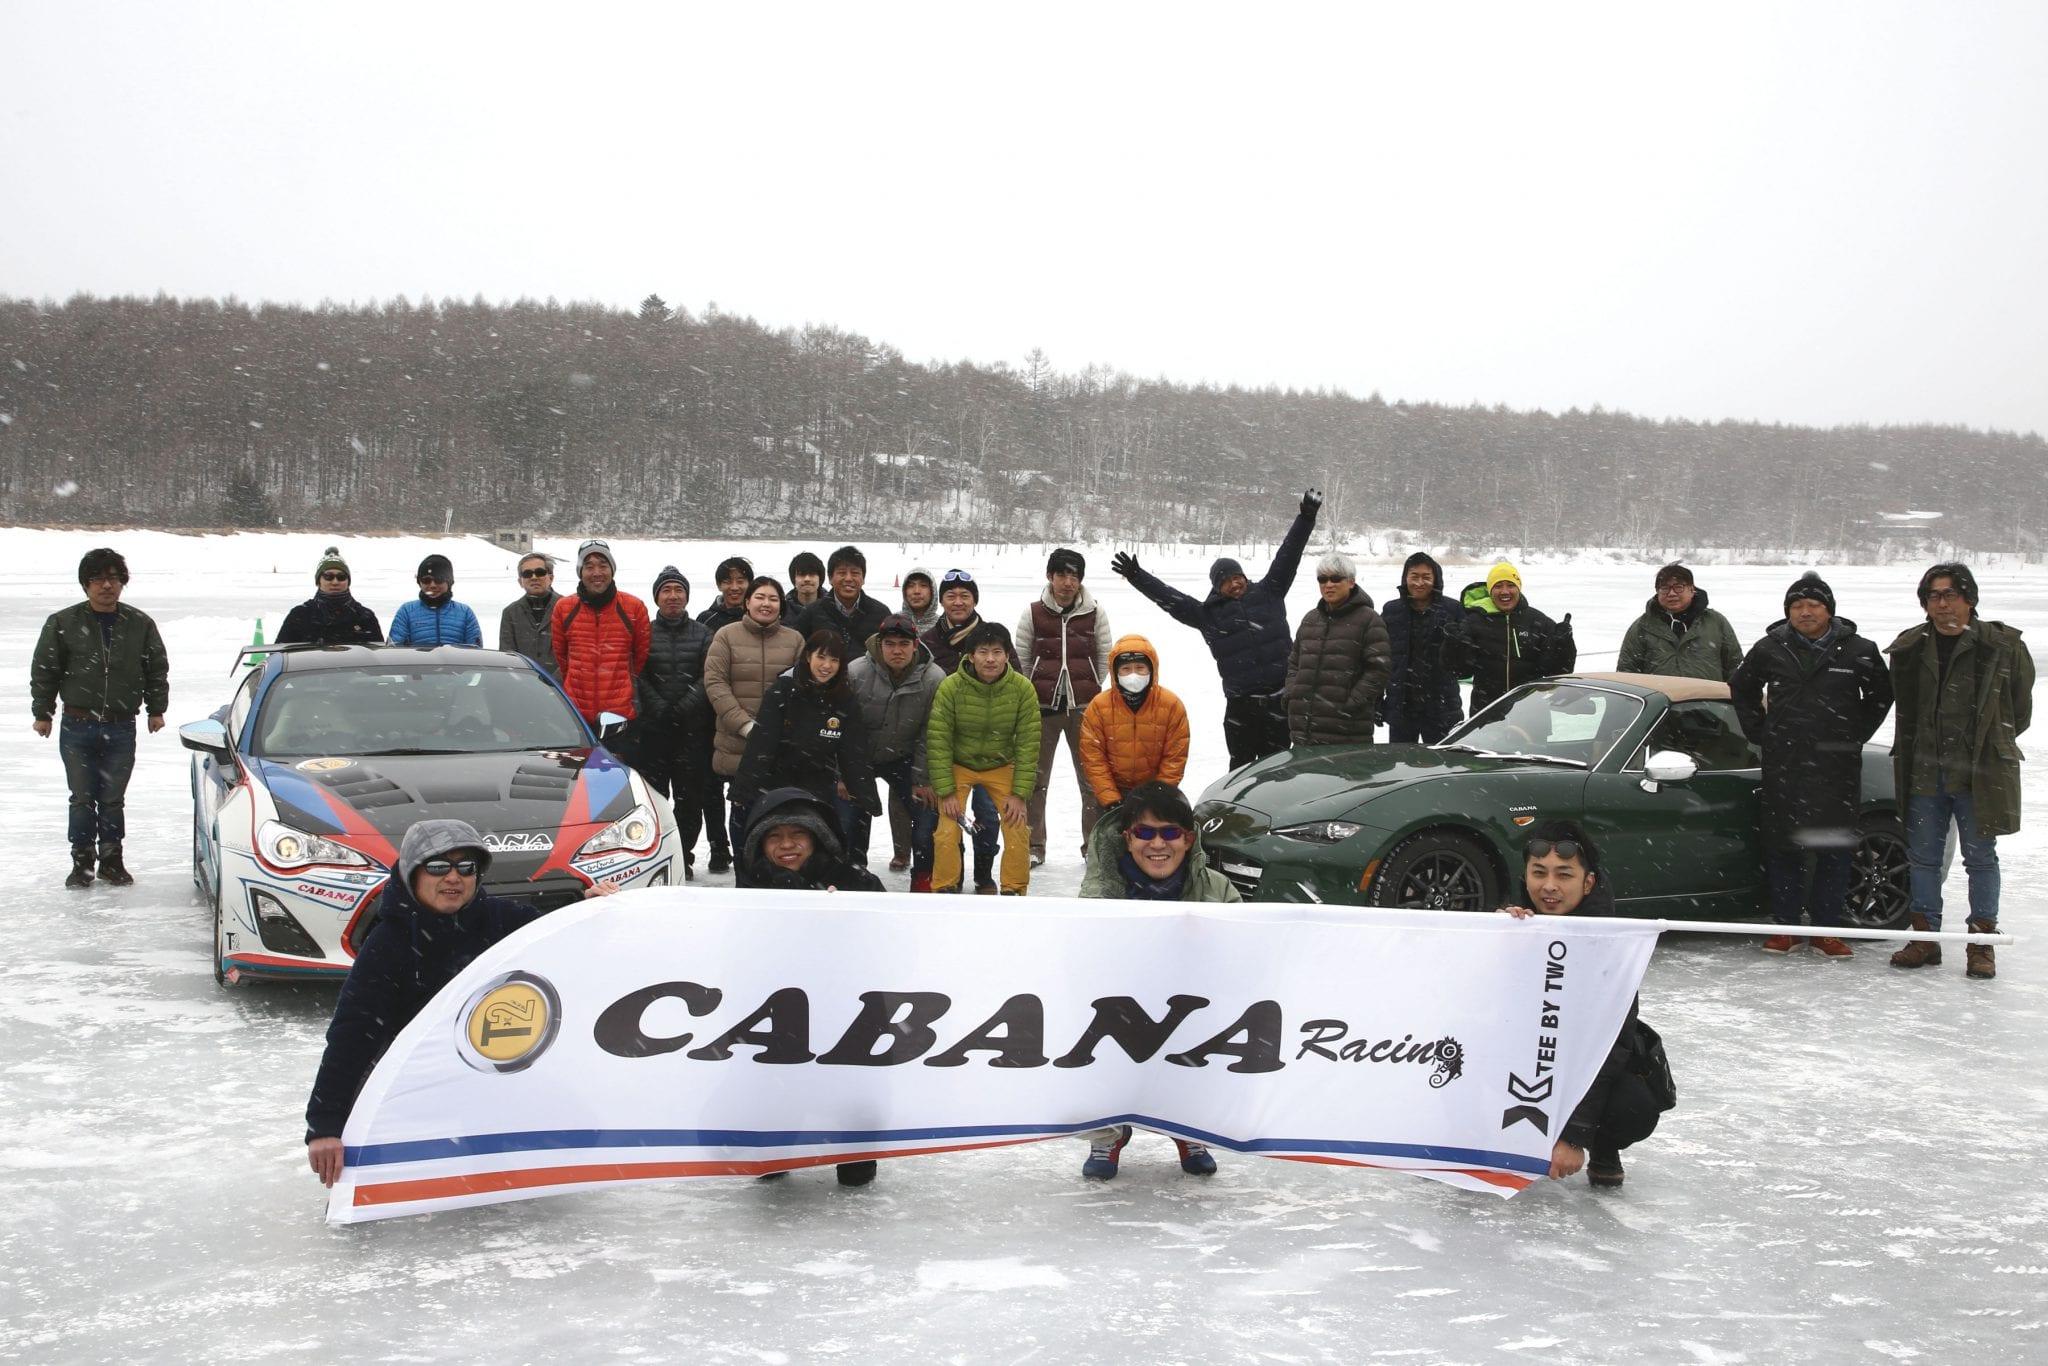 cabana_snow01